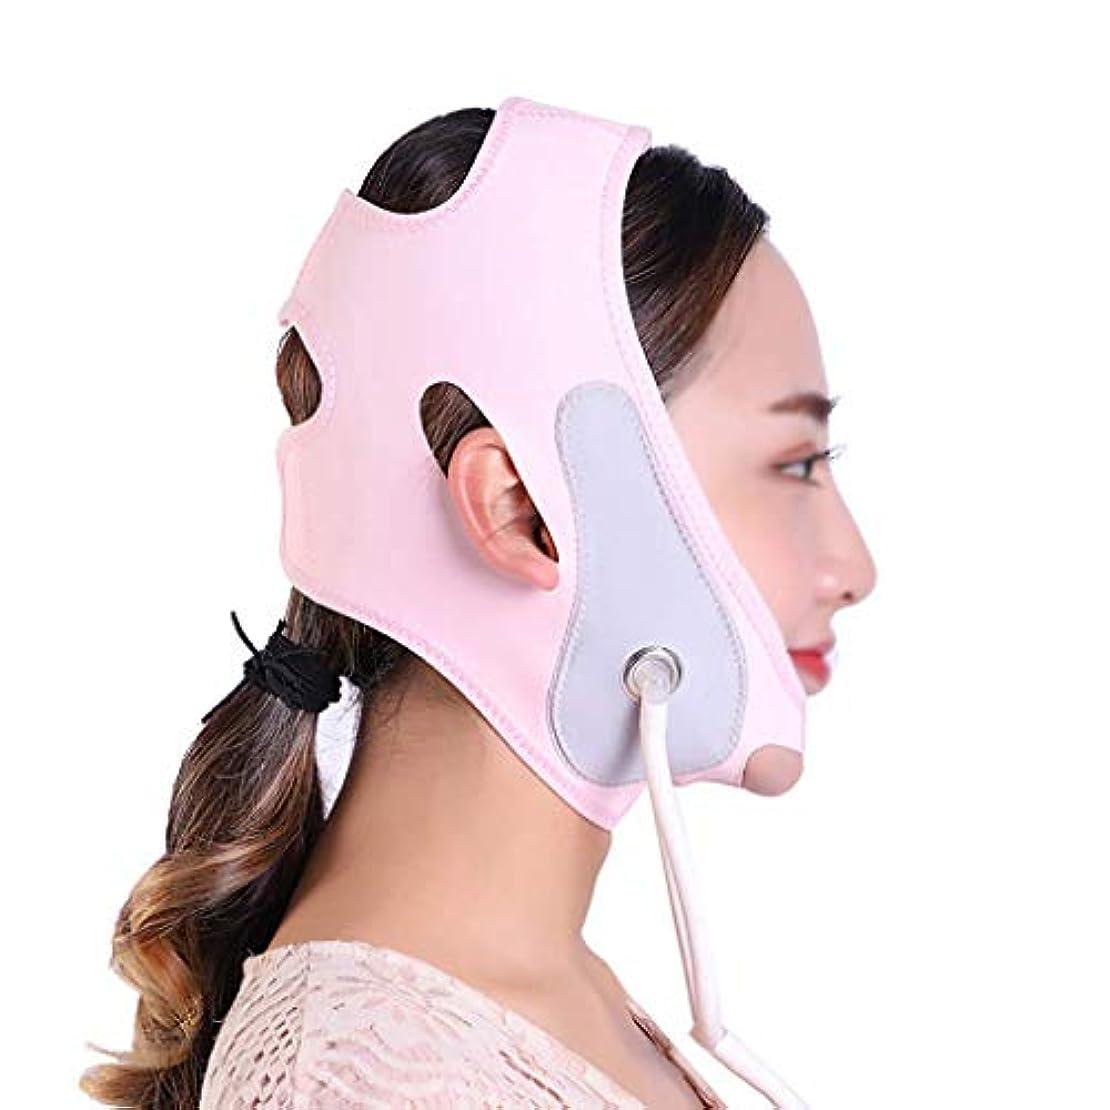 黒くする電極心配顔と首のリフト後伸縮性スリーブシンフェイスマスク引き締め肌の改善マッサージリフティング収縮シンフェイス弾性包帯Vフェイスアーティファクト